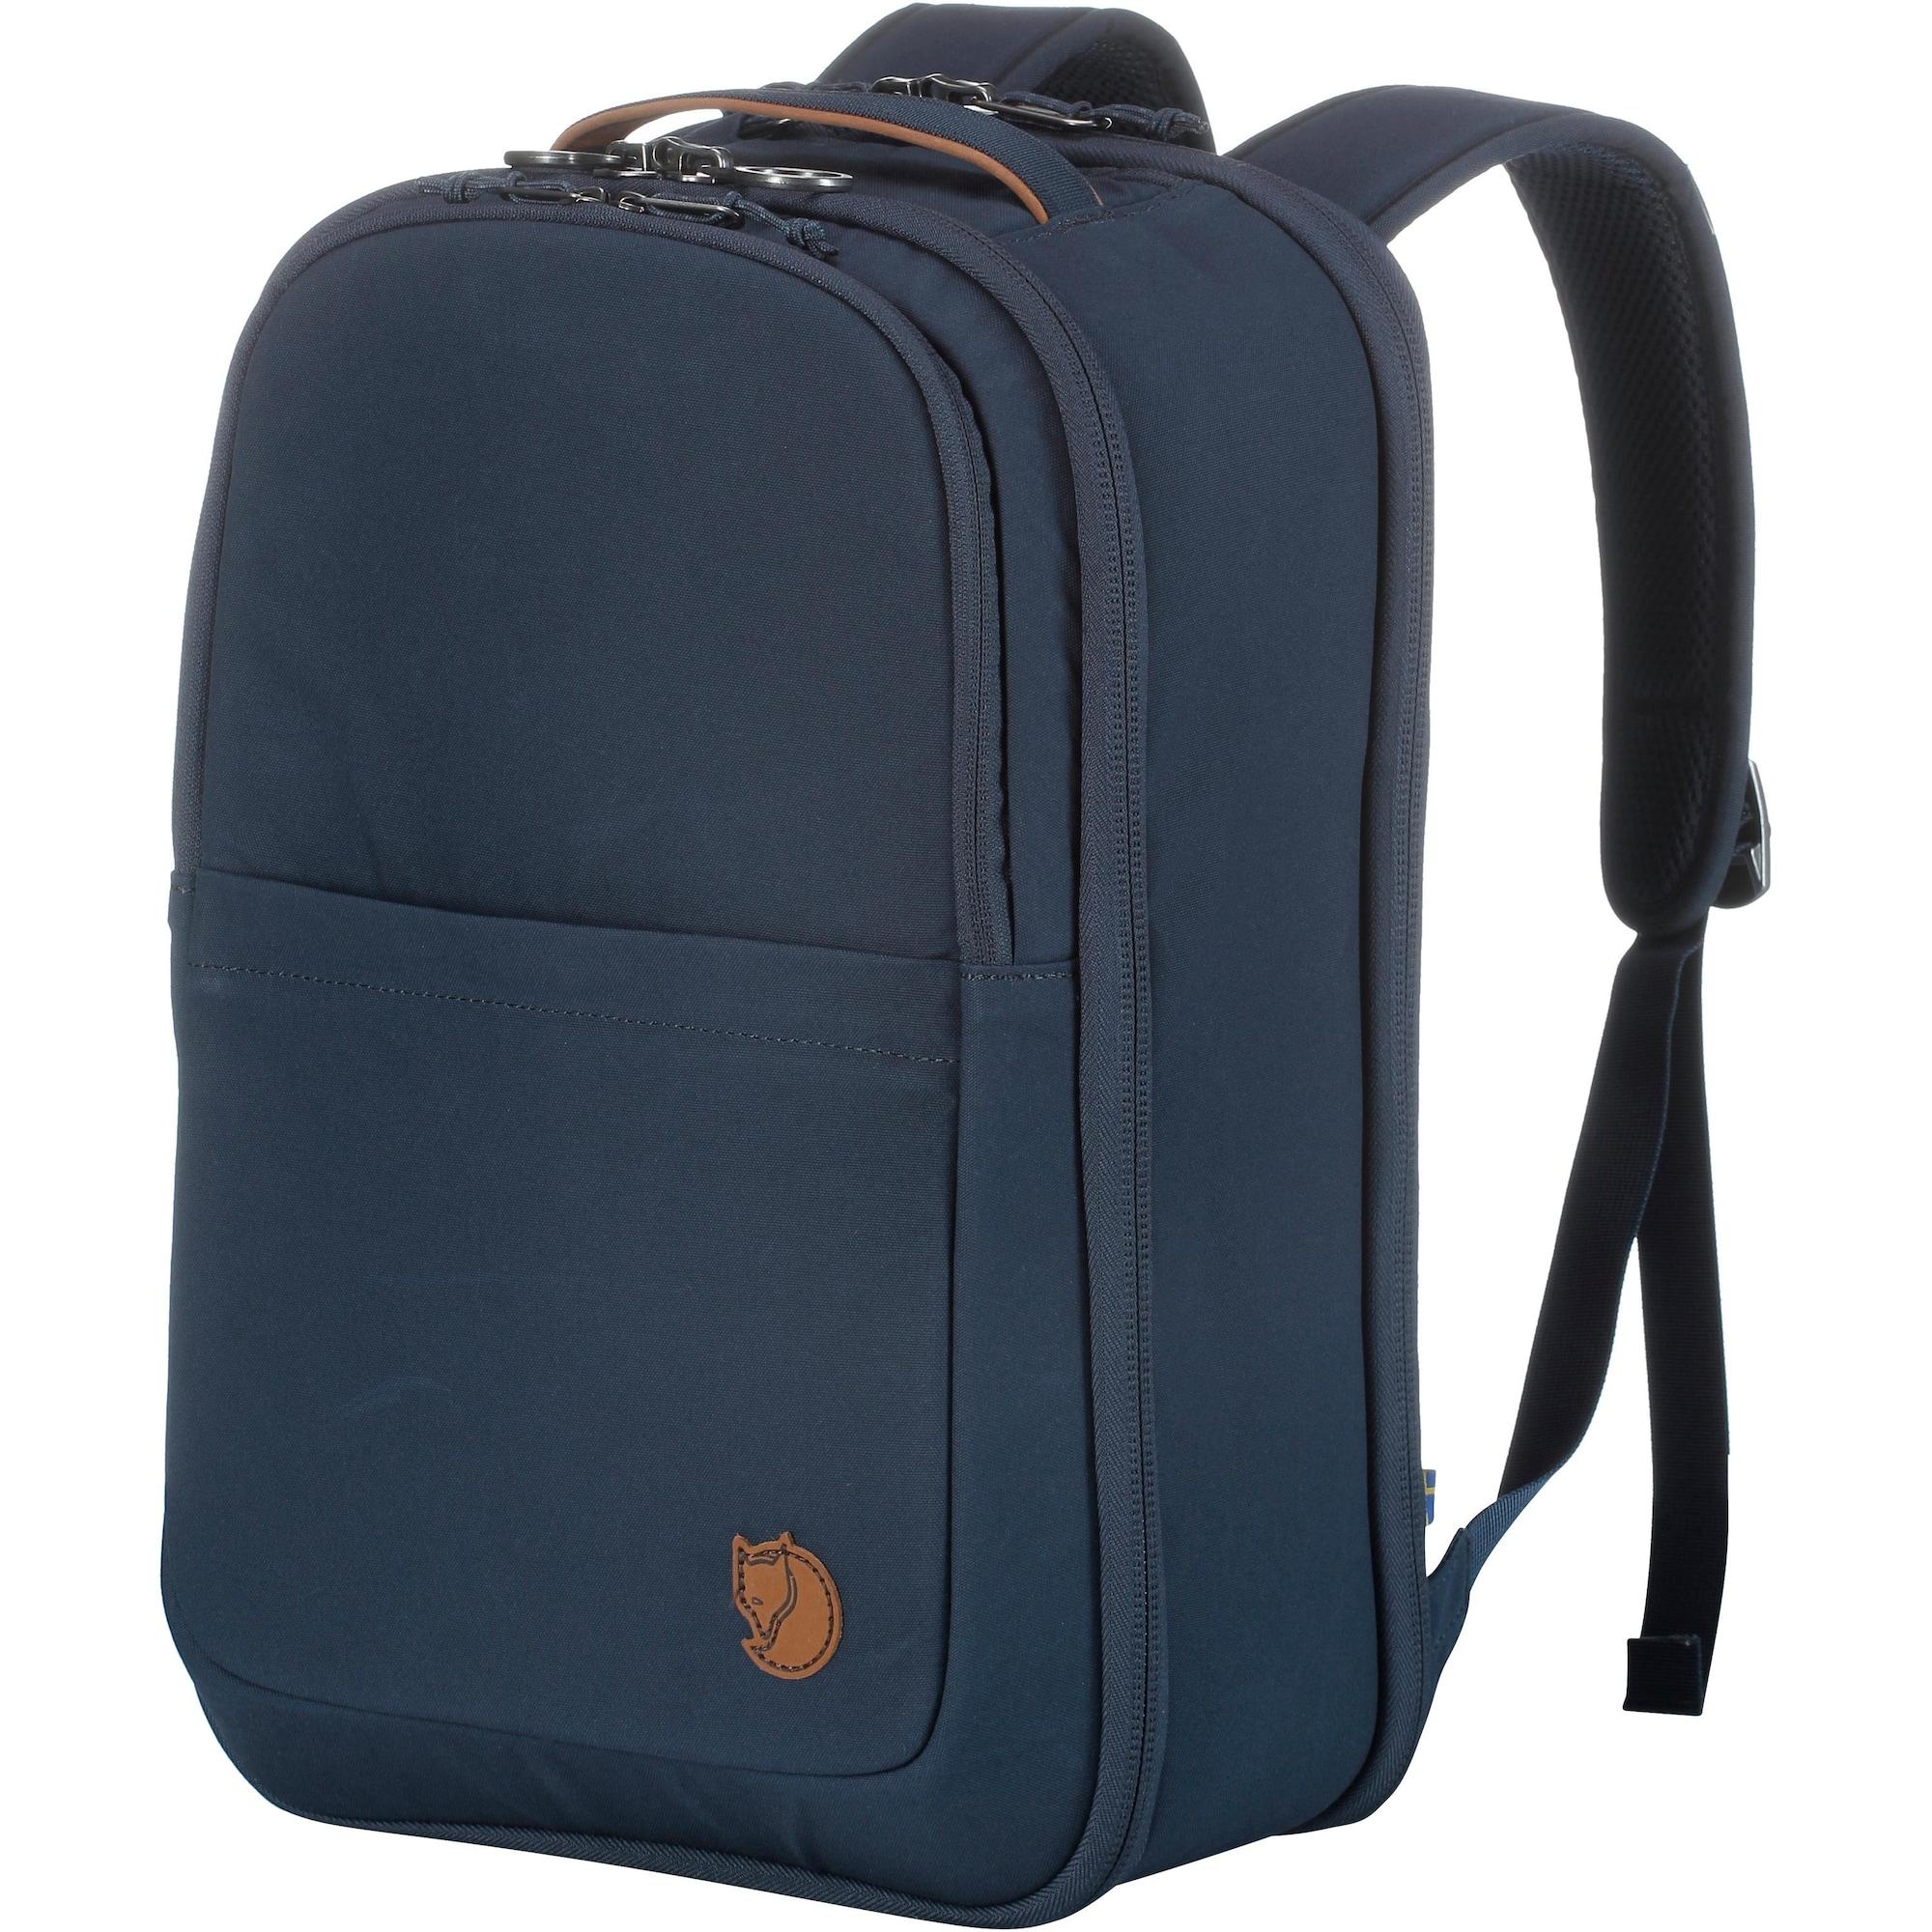 Rugzak 'Travel Pack Small' Fjällräven